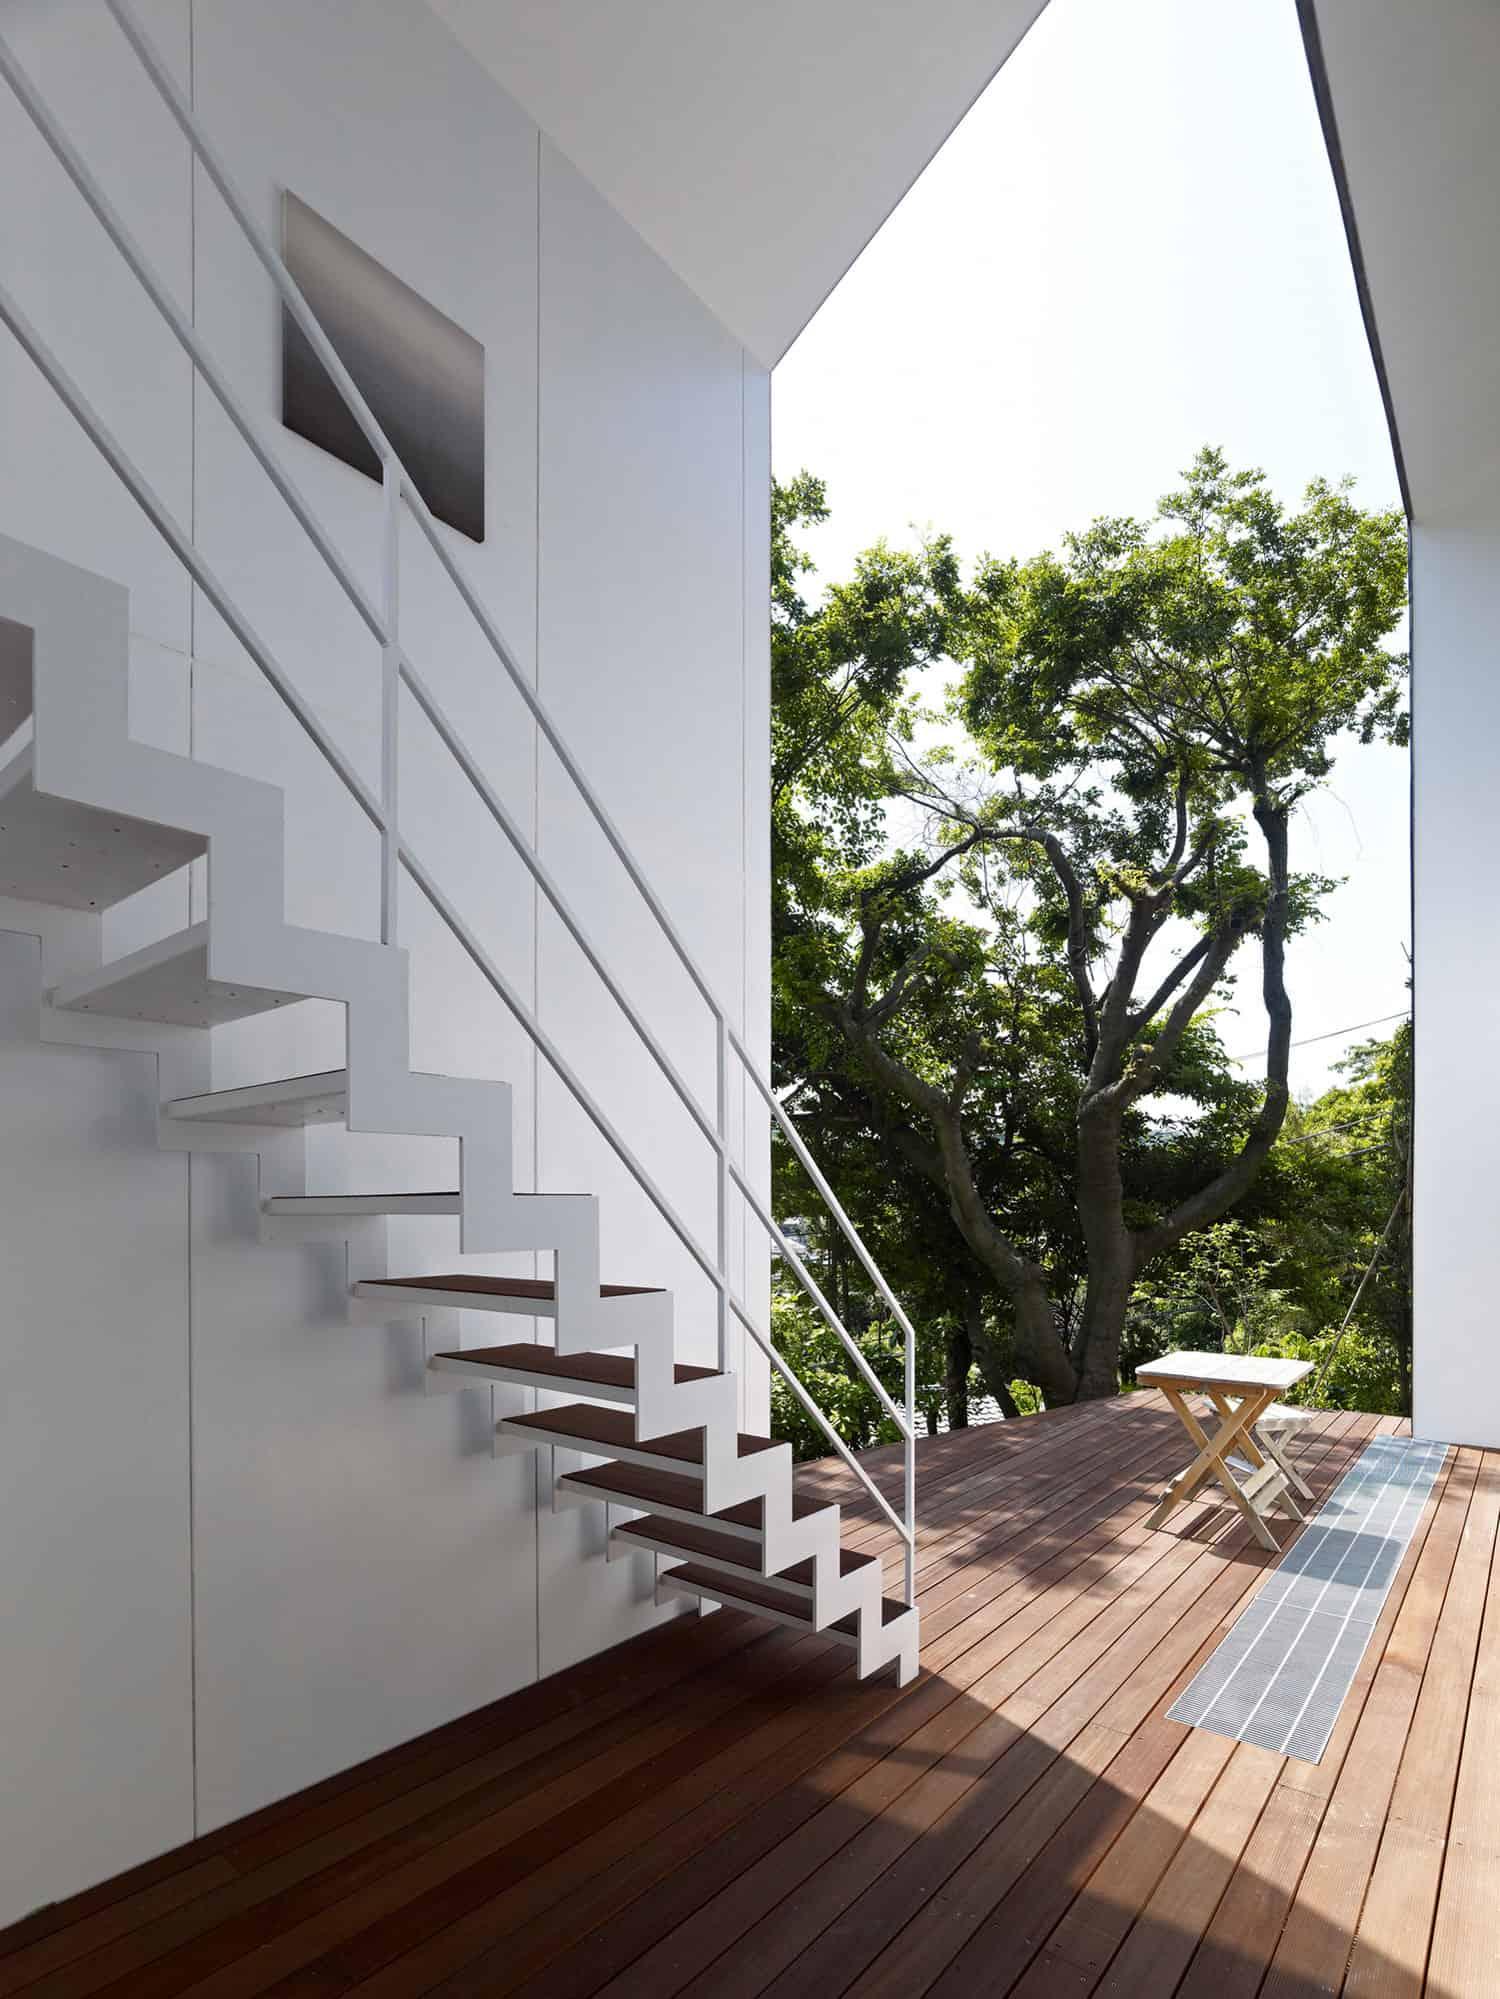 47% House by Kochi Architects Studio (4)